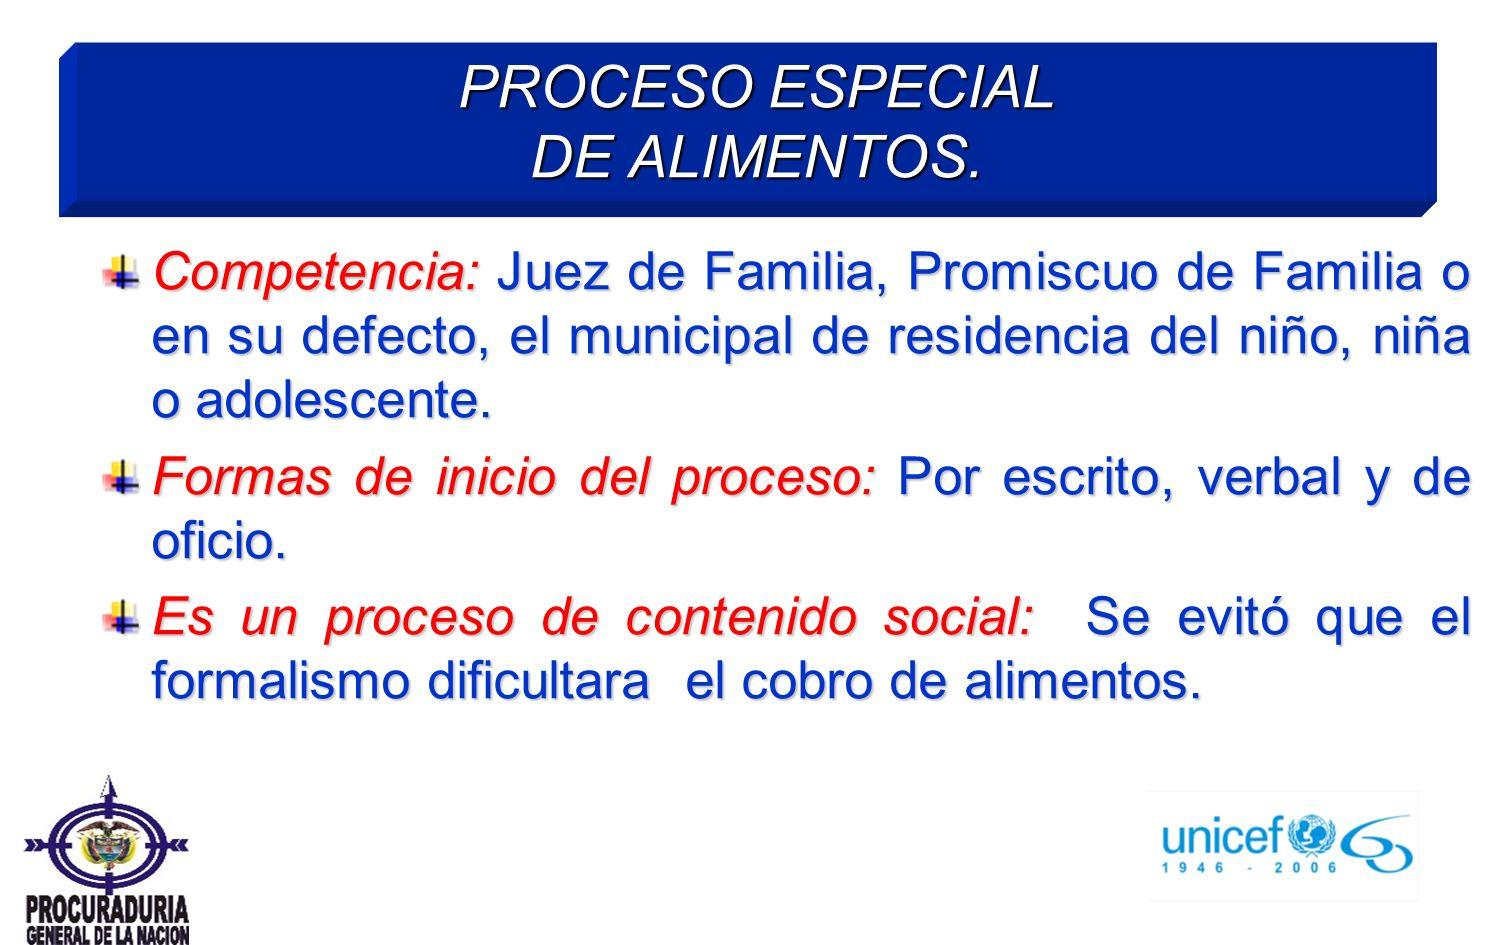 PROCESO ESPECIAL DE ALIMENTOS.